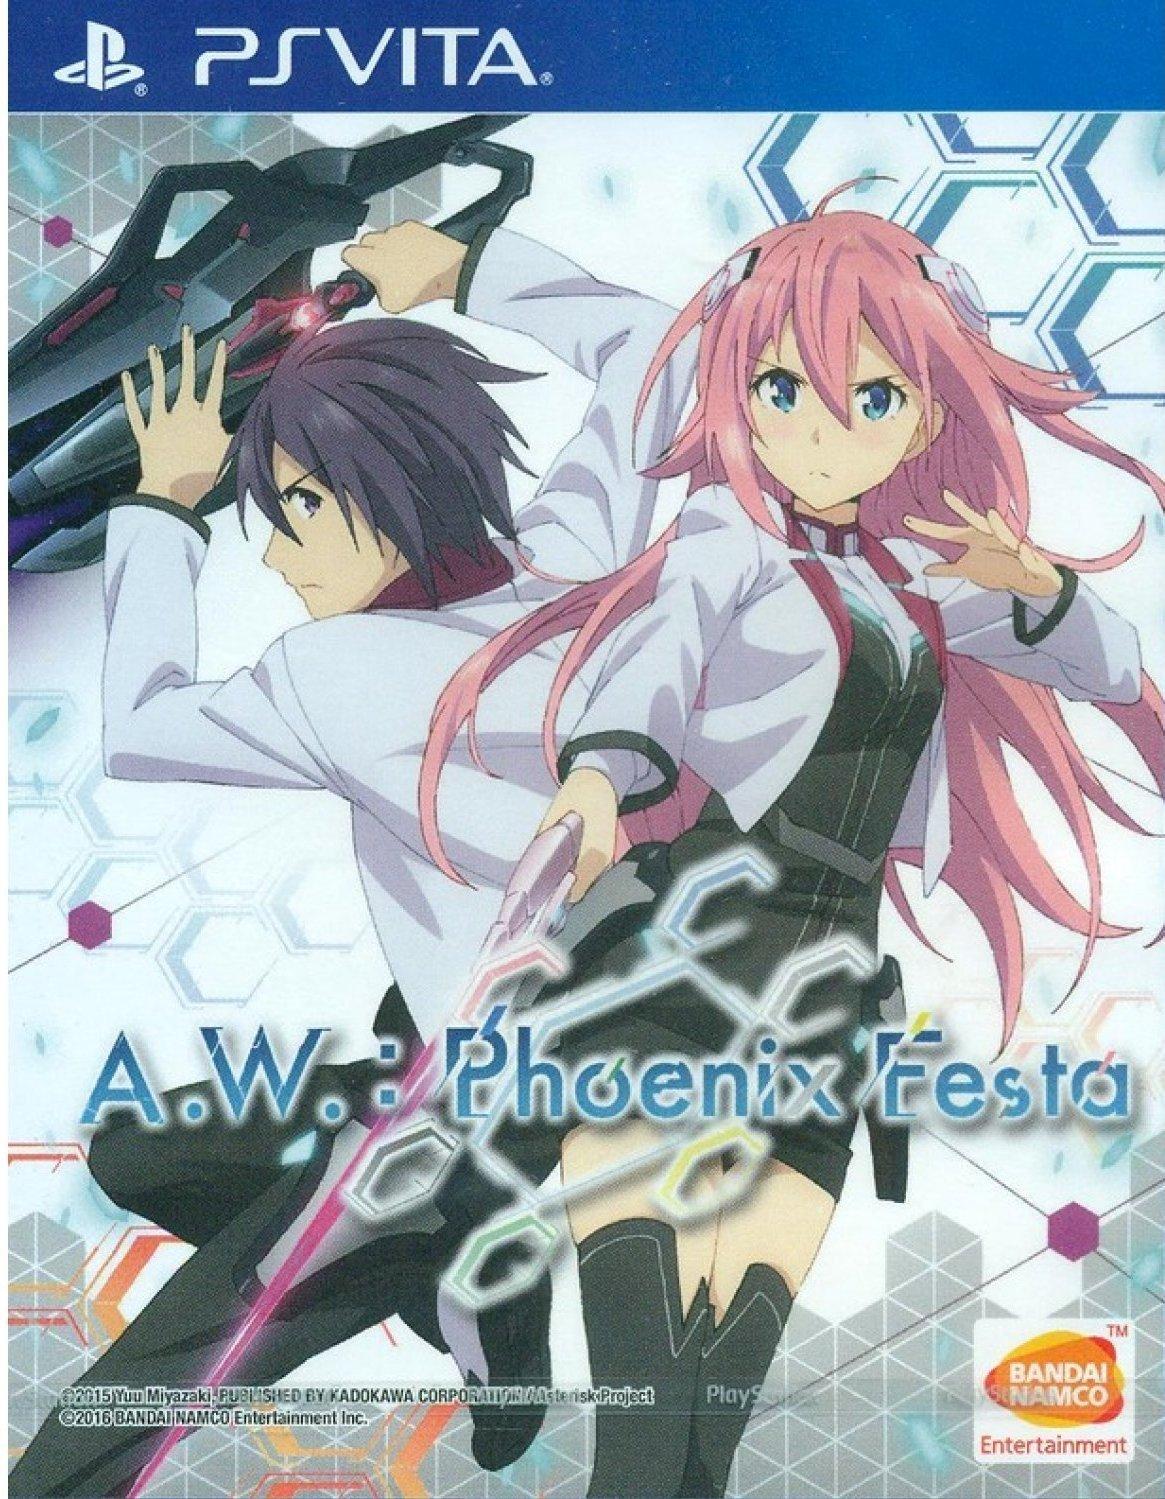 A.W. Phoenix Festa (PS Vita) Review 2